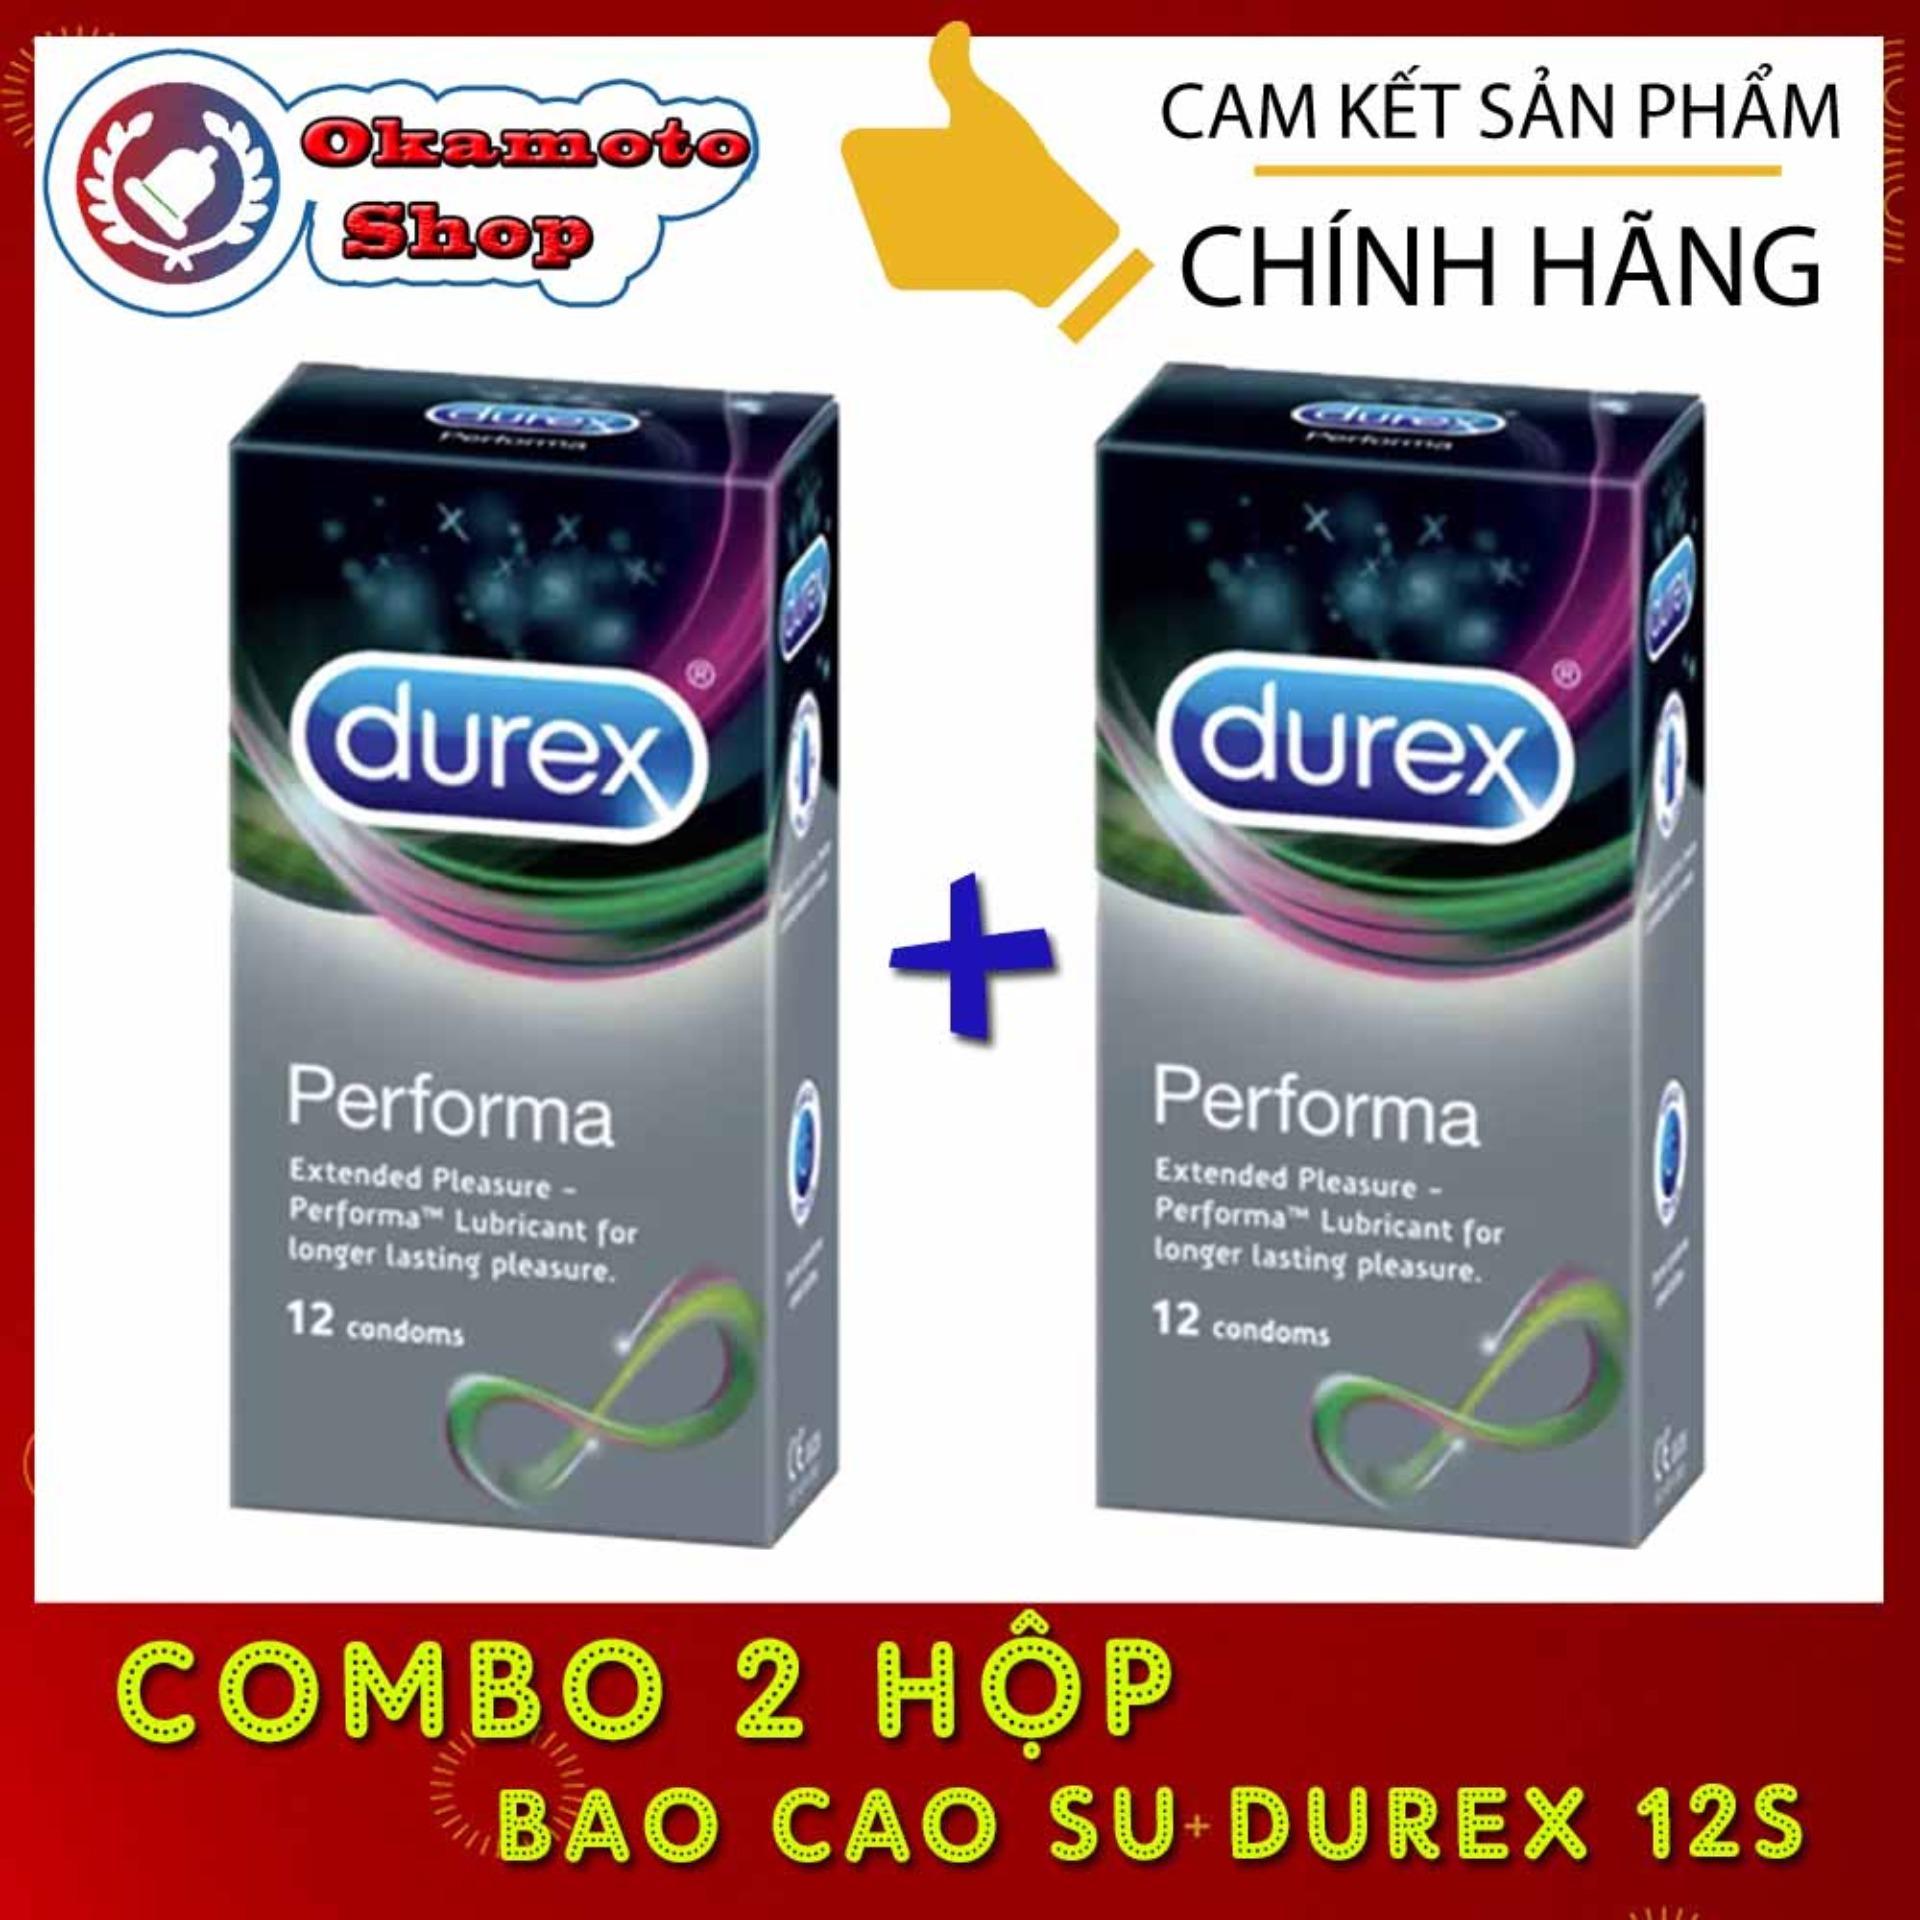 [Combo 2 hộp] Bao cao su Durex Performa kéo dài thời gian quan hệ - [Che tên sản phẩm]